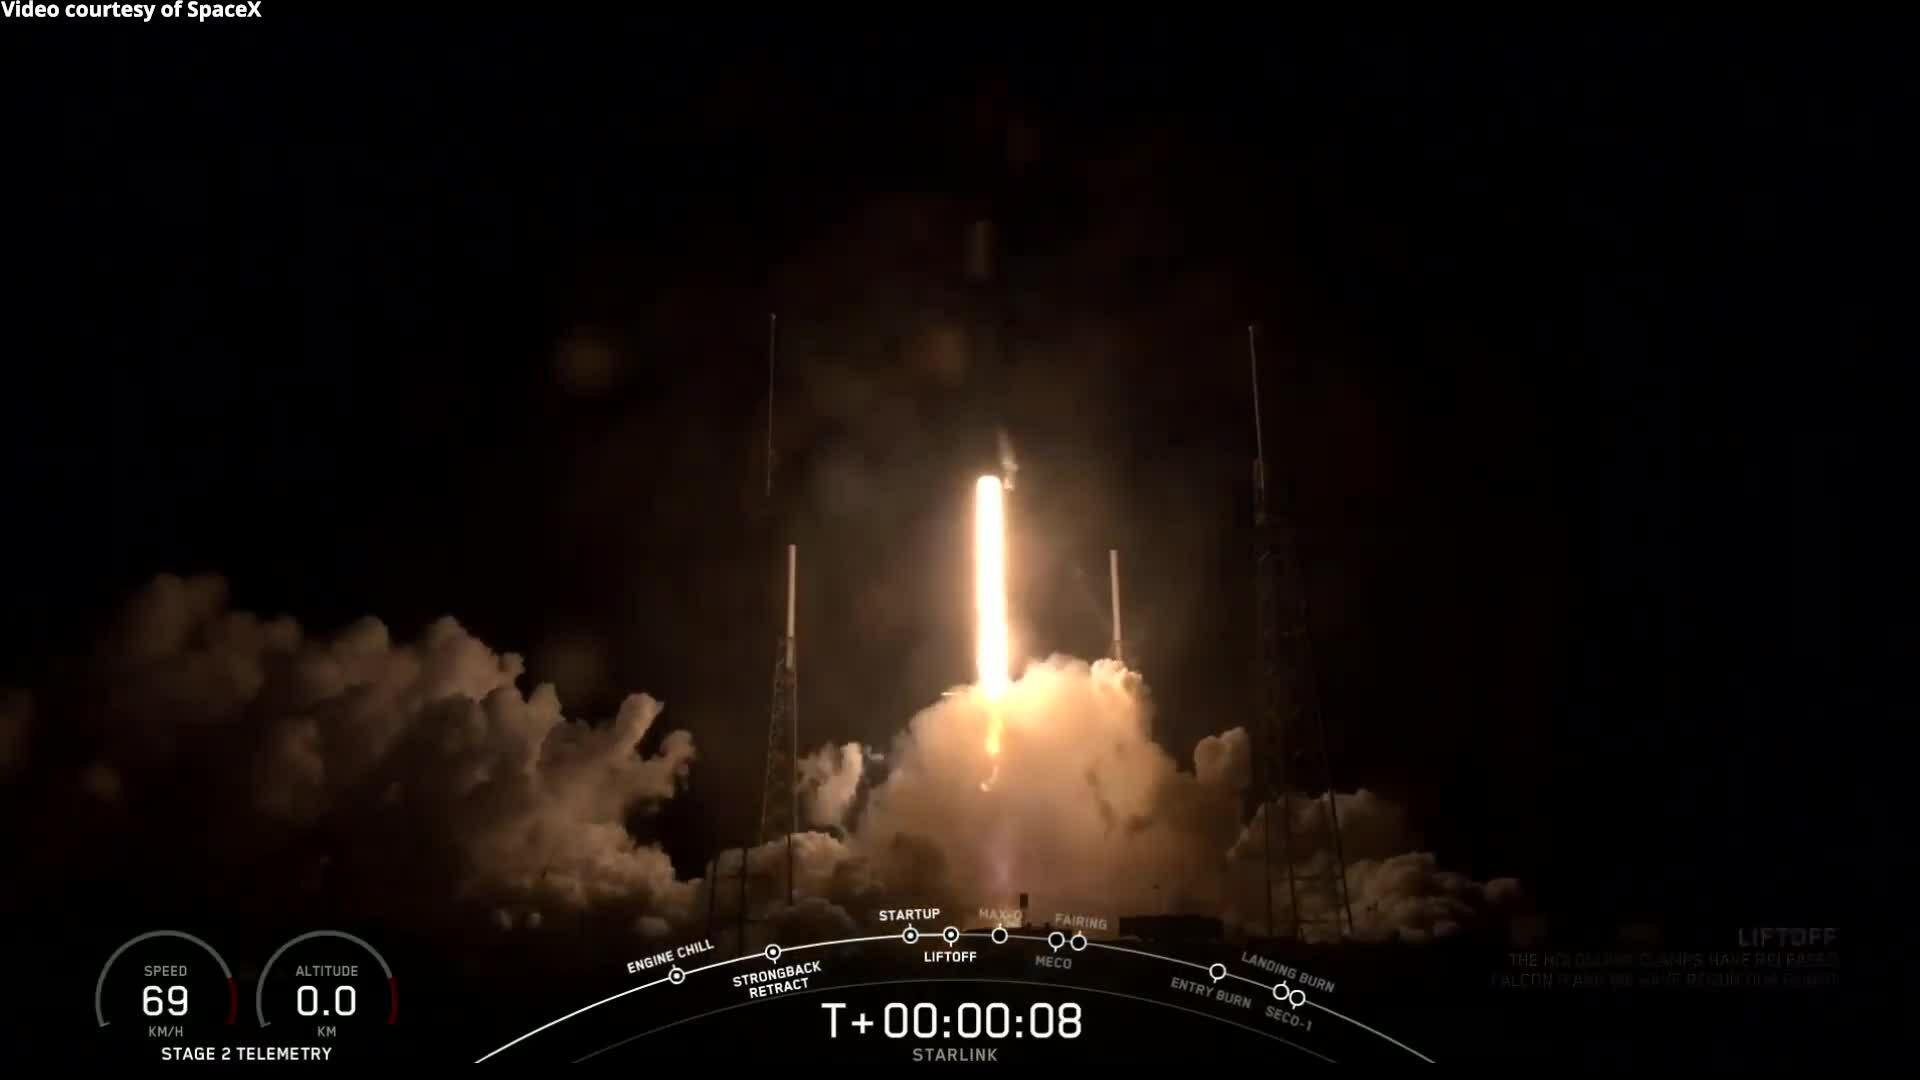 SpaceX phóng thành công tên lửa Falcon 9 lần thứ 100